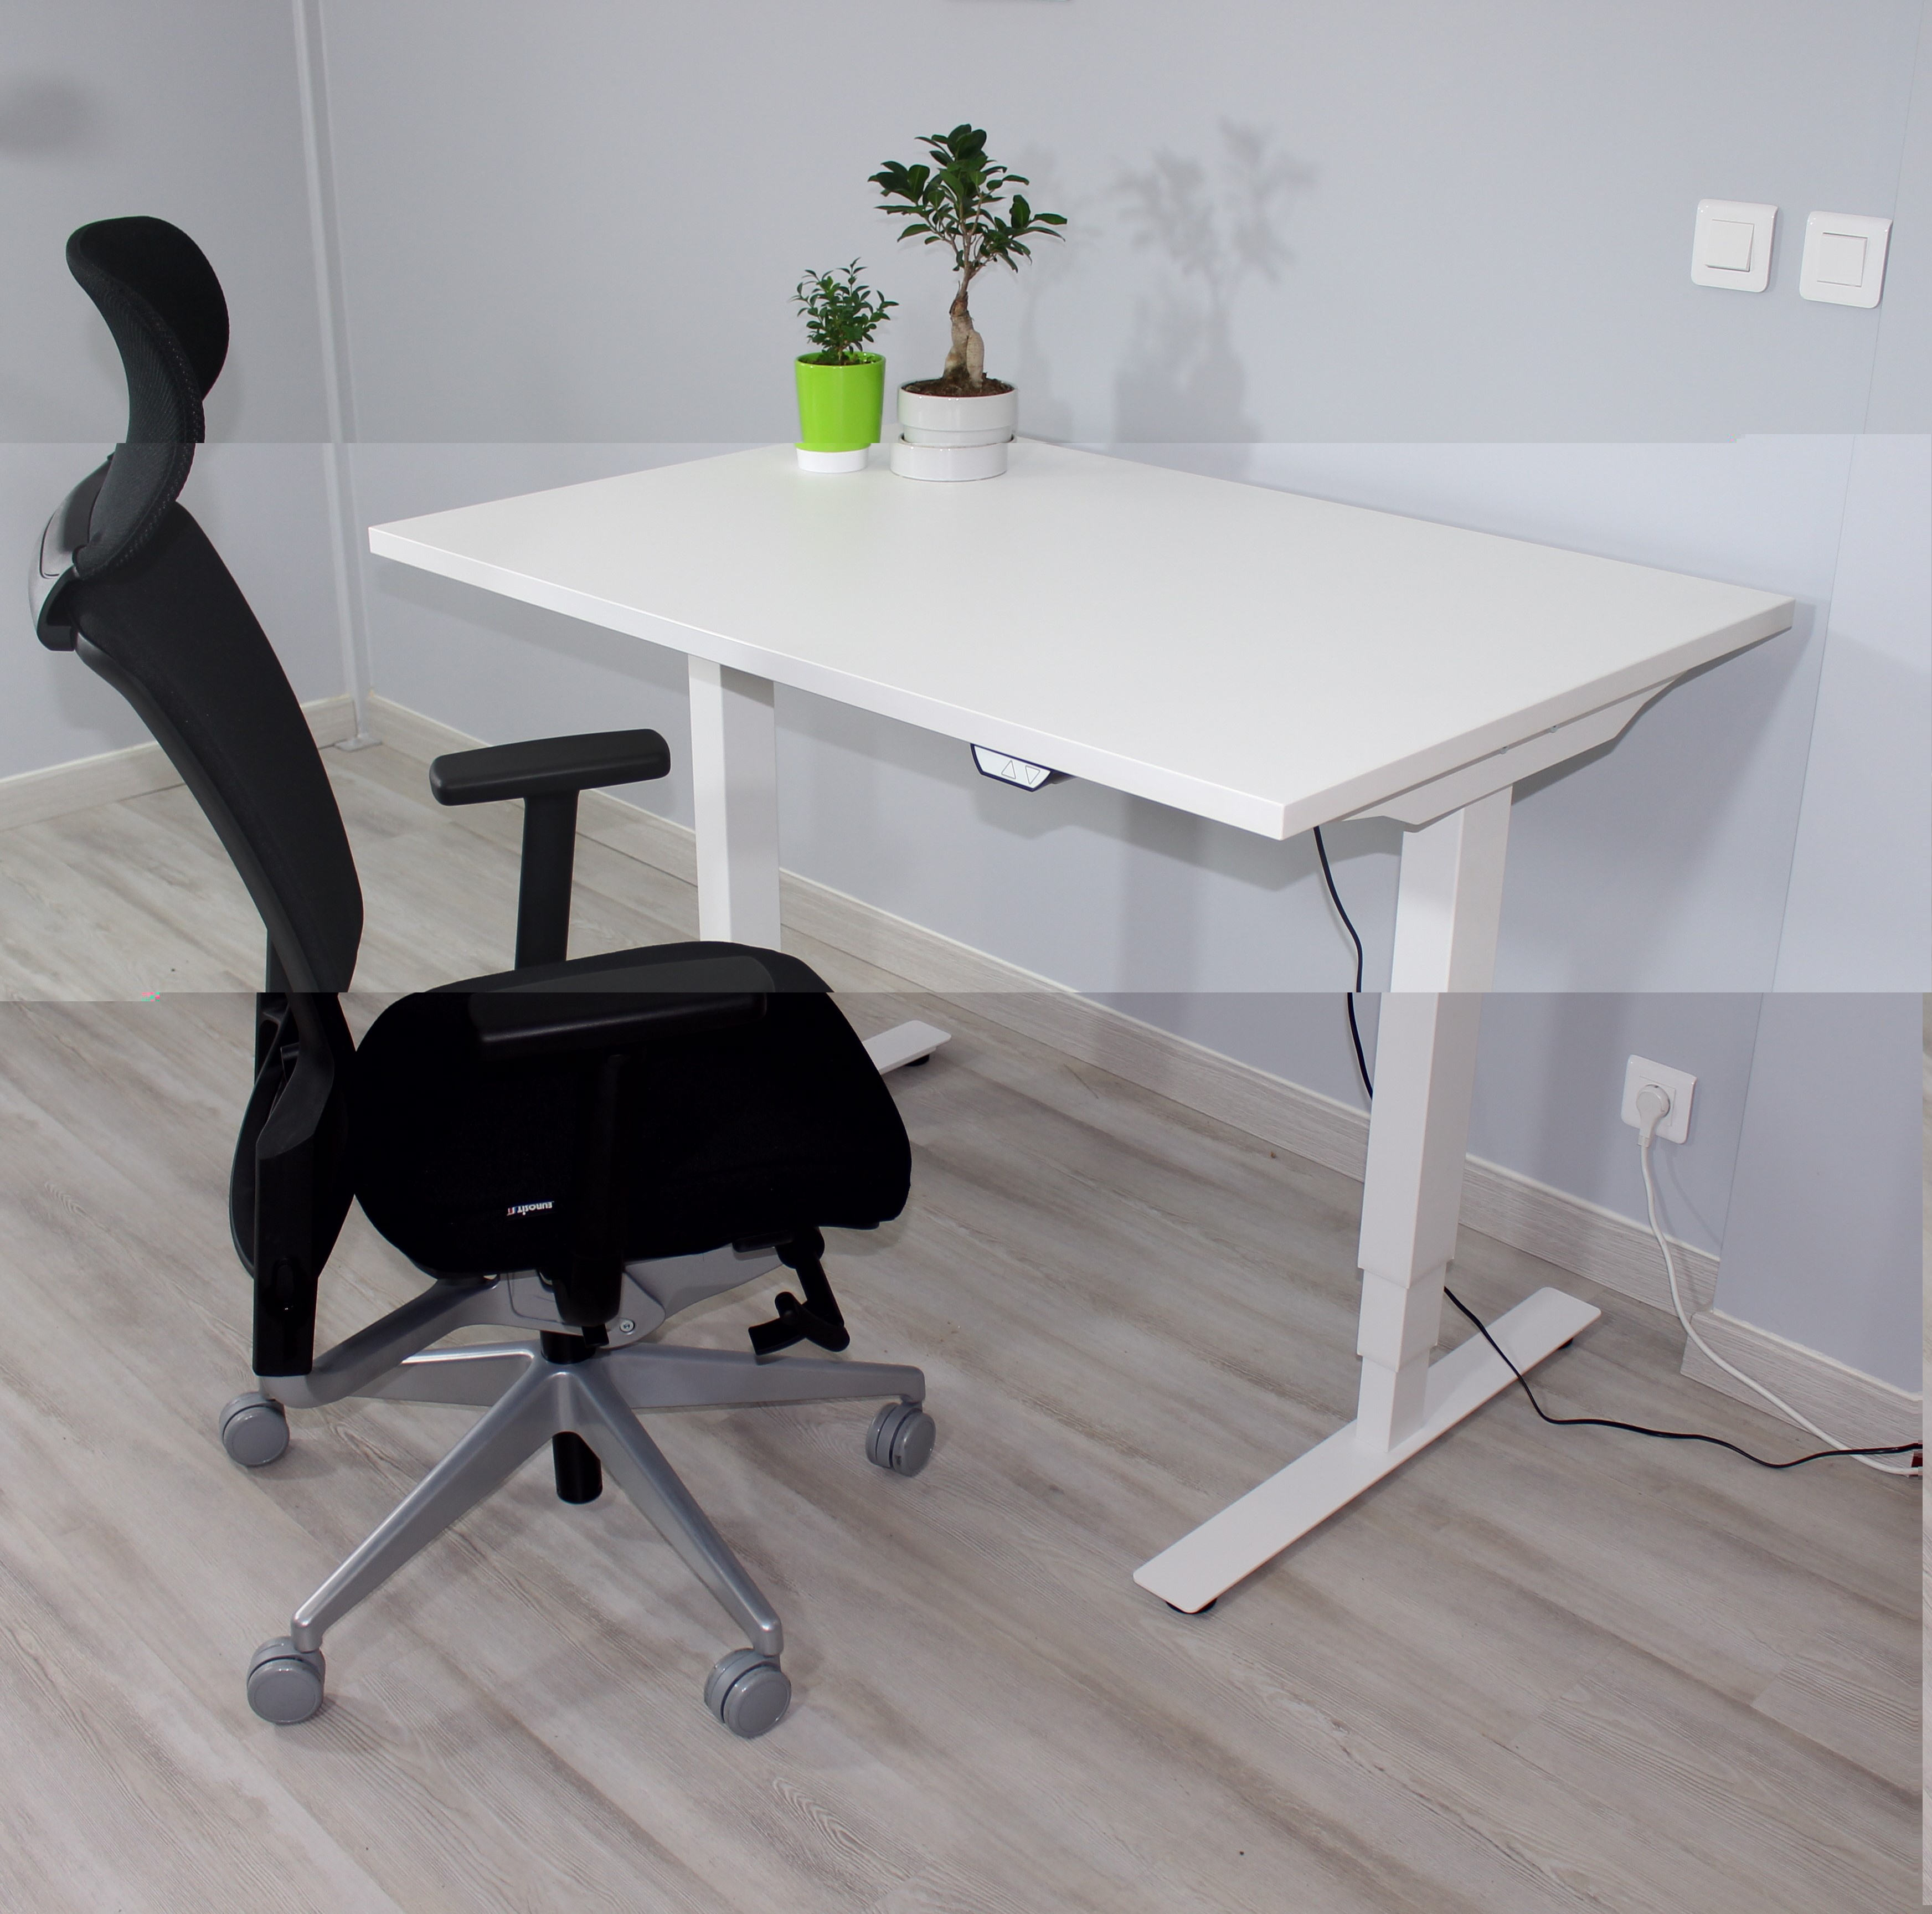 bureau ergonomique rglable en hauteur lectriquement